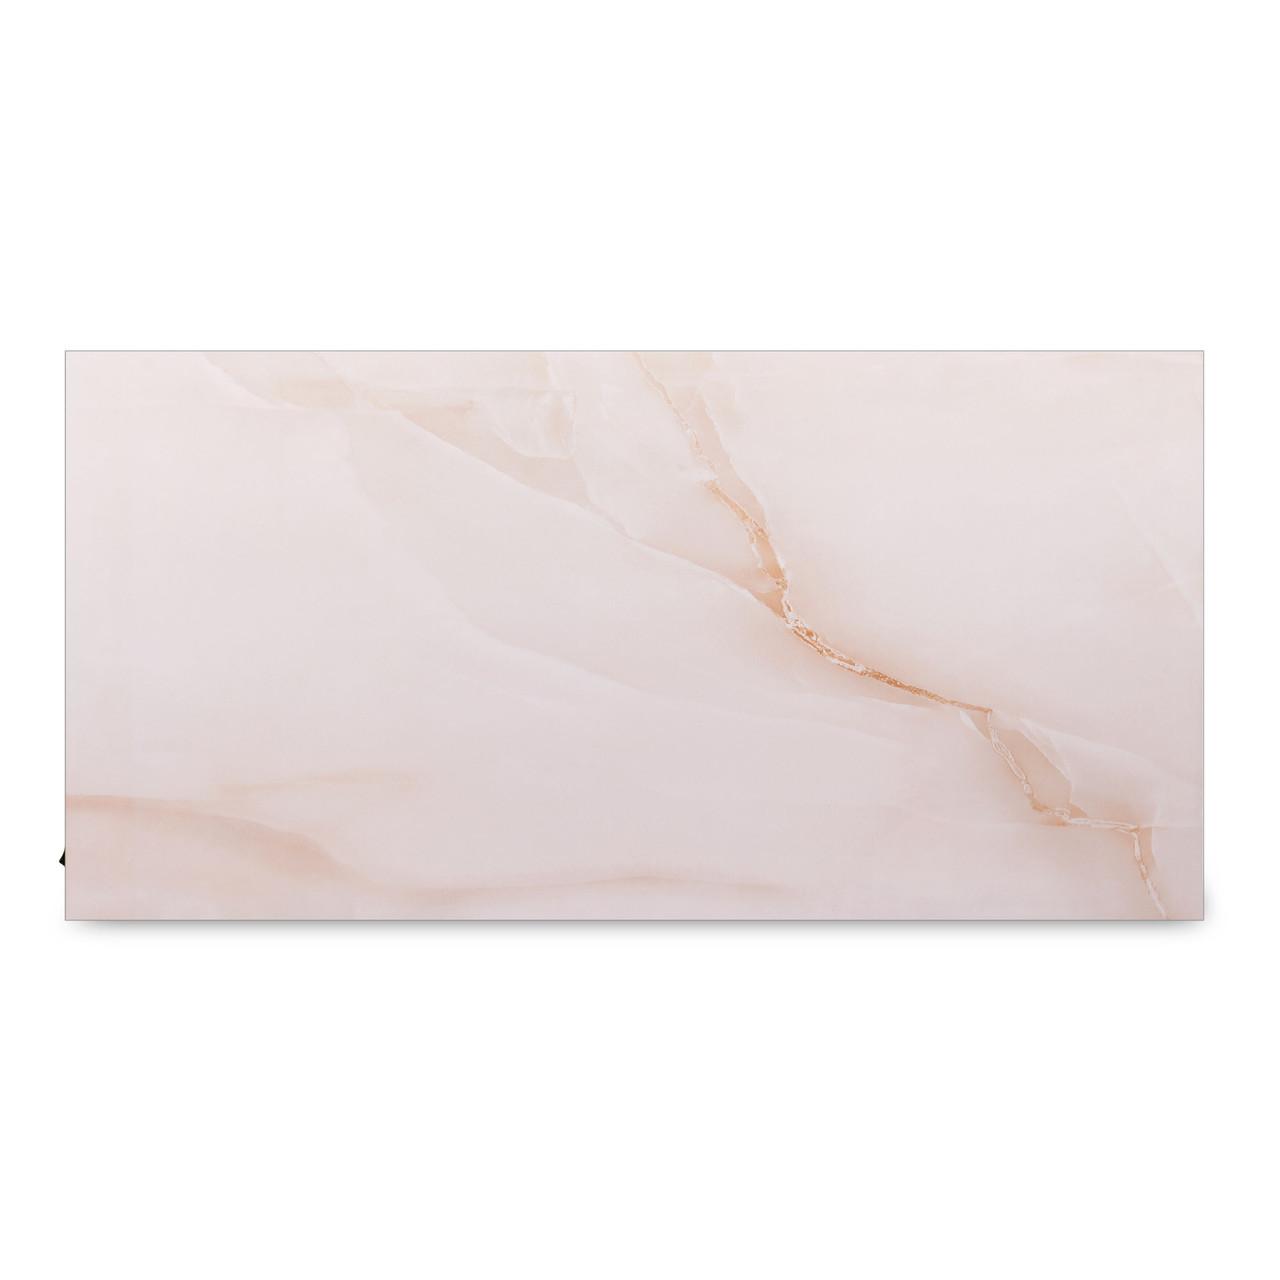 Керамический инфракрасный обогреватель Teploceramic (Теплокерамик) TCM 450 цвет мрамор 49103